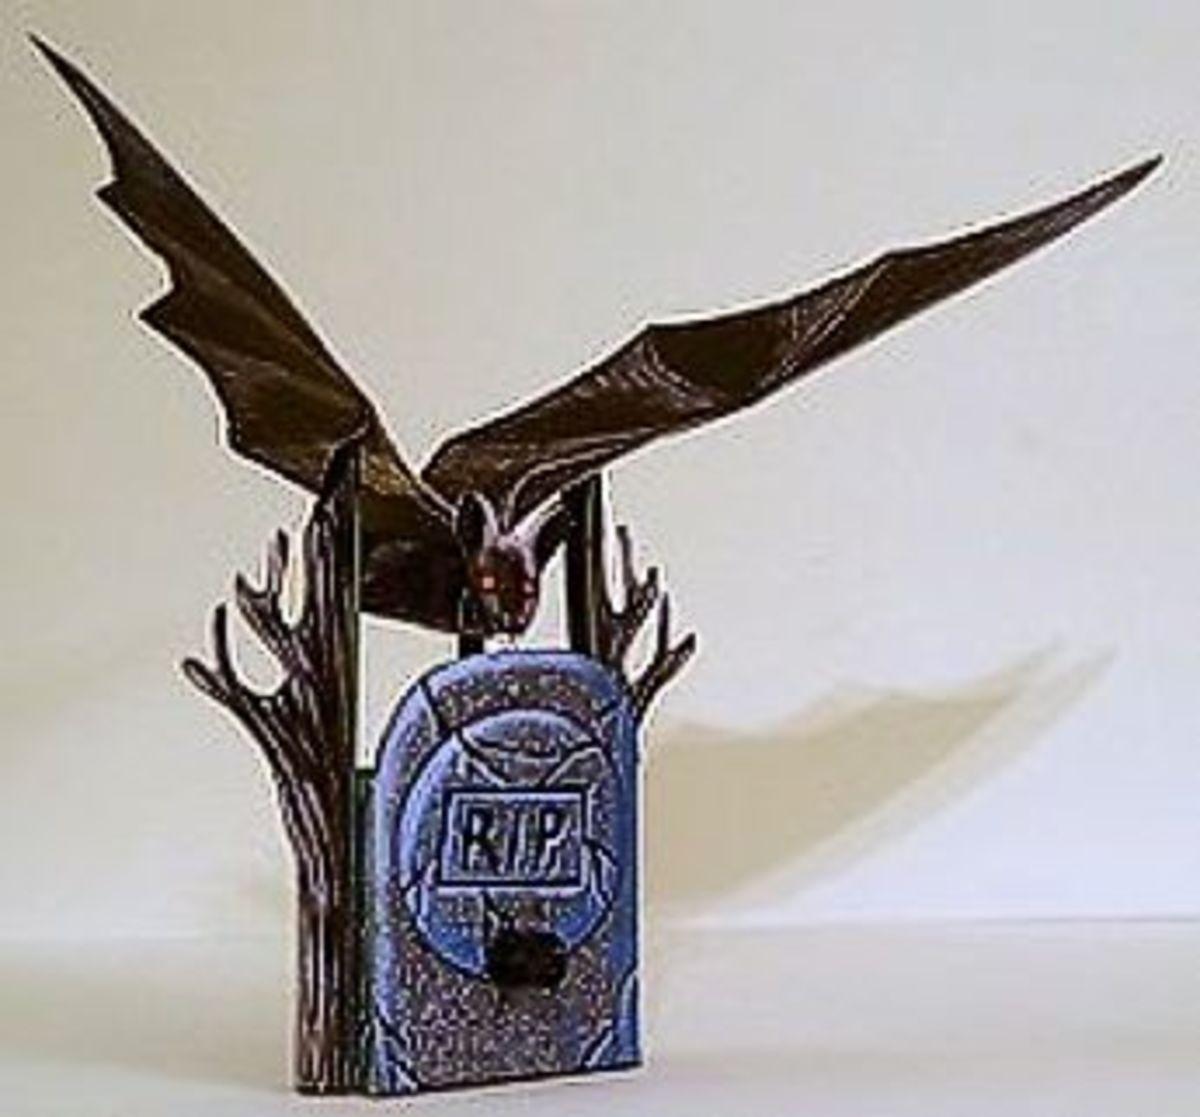 'The Mechanical Bat' Paper Model @ Ravensblight